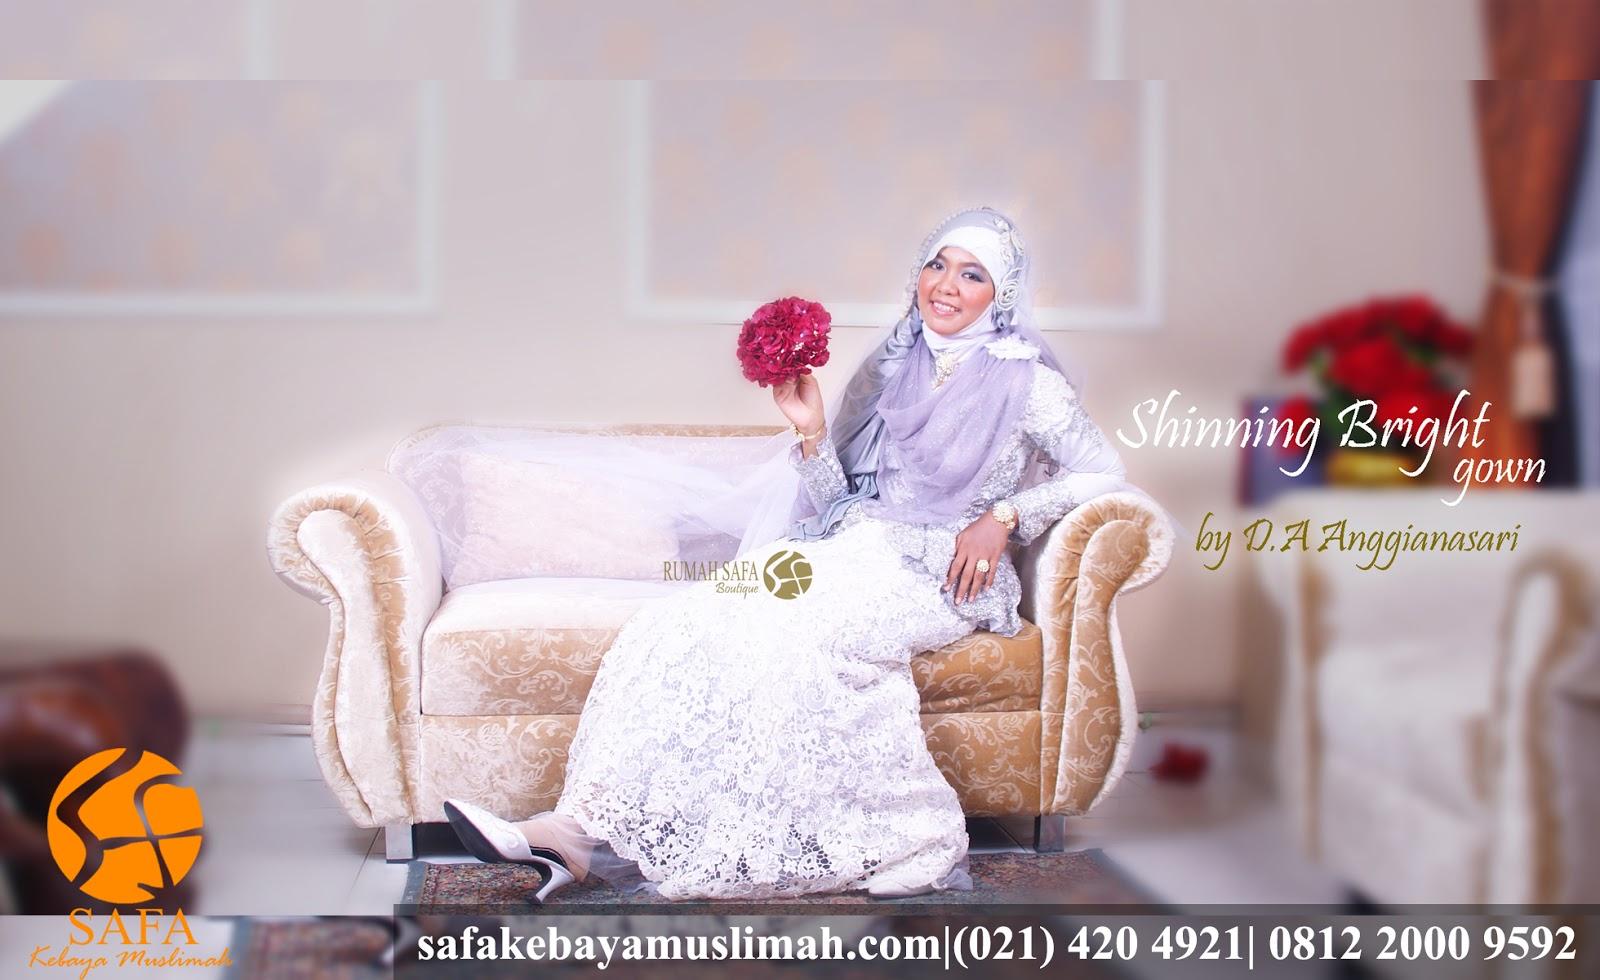 Jasa Pernikahan Islami Sewa Pakaian Dan Rias Pengantin Muslimah Syar I